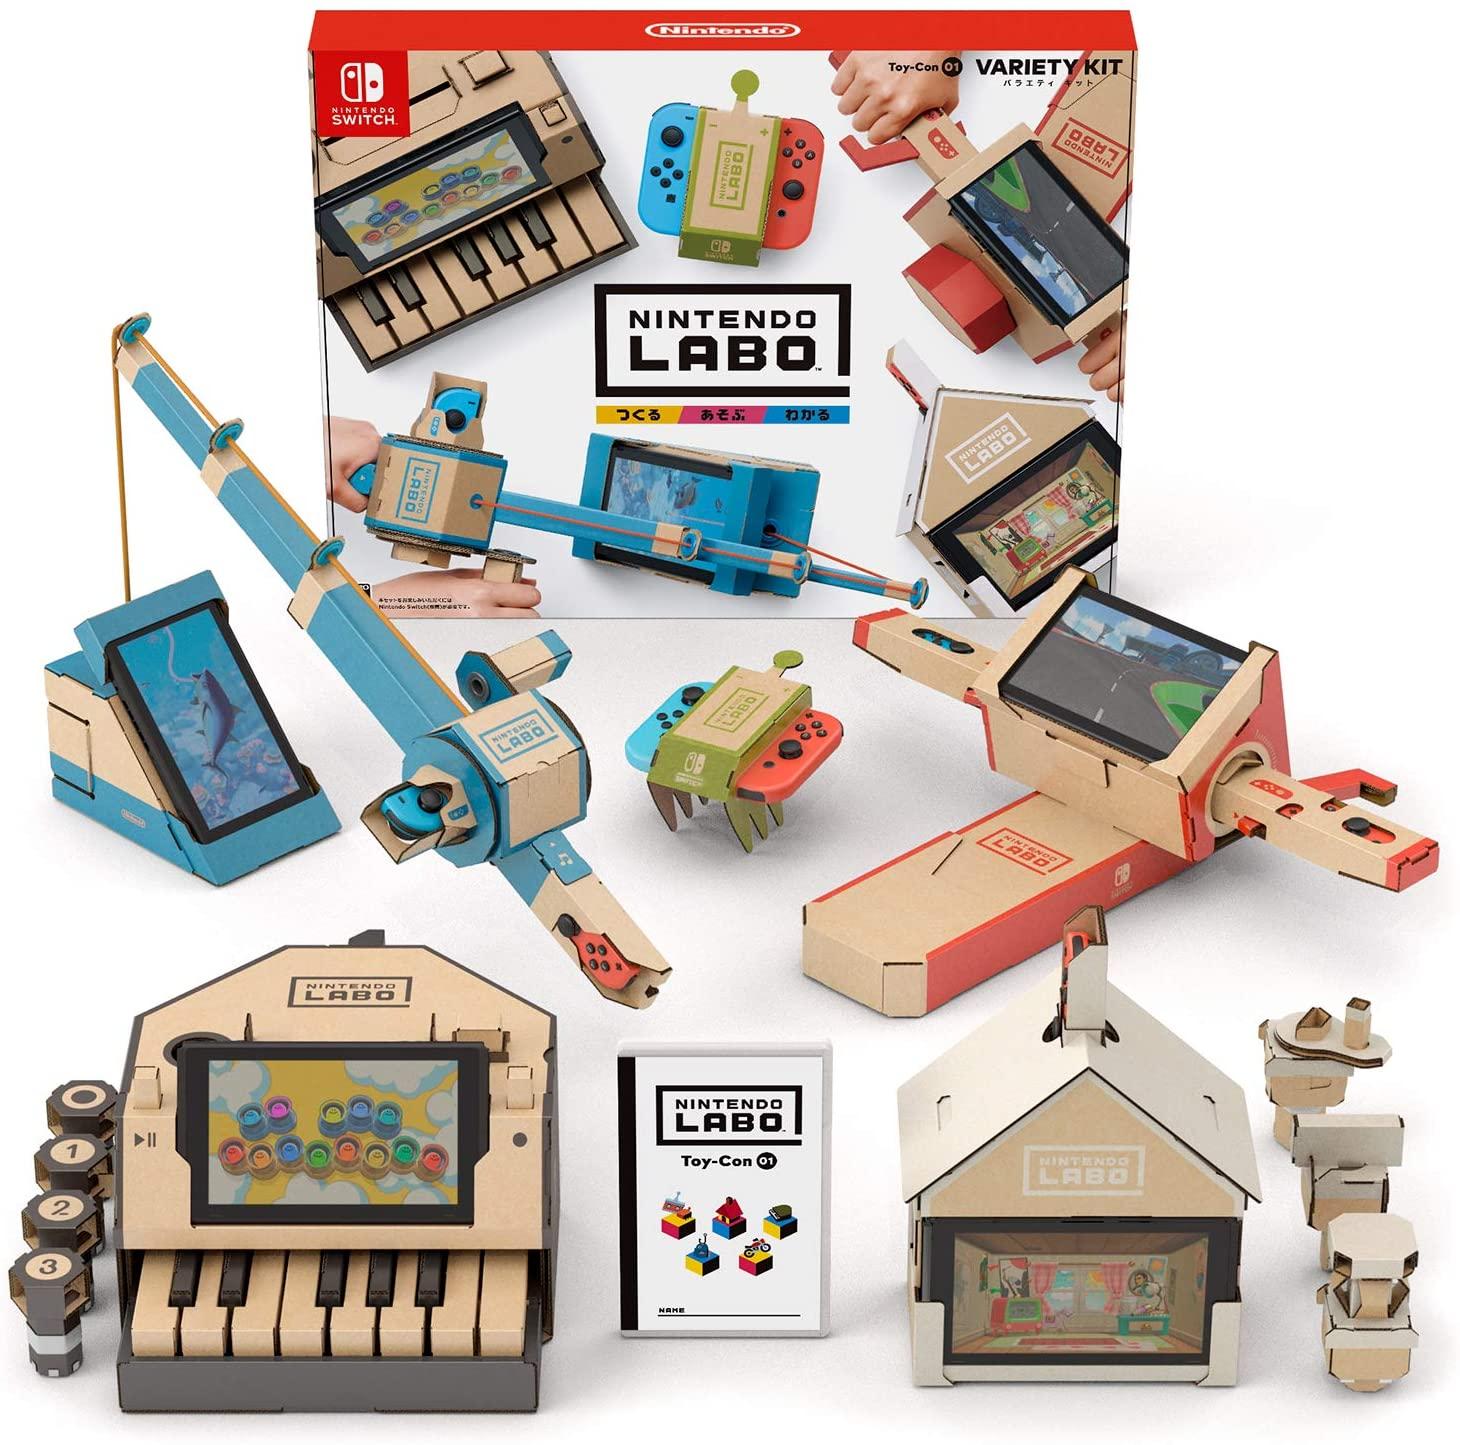 1.예상수령일 2-6일 이내 닌텐도 Nintendo Labo (닌텐도 연구소) Toy-Con 01 : Variety Kit - Switch B079, 상세 설명 참조0